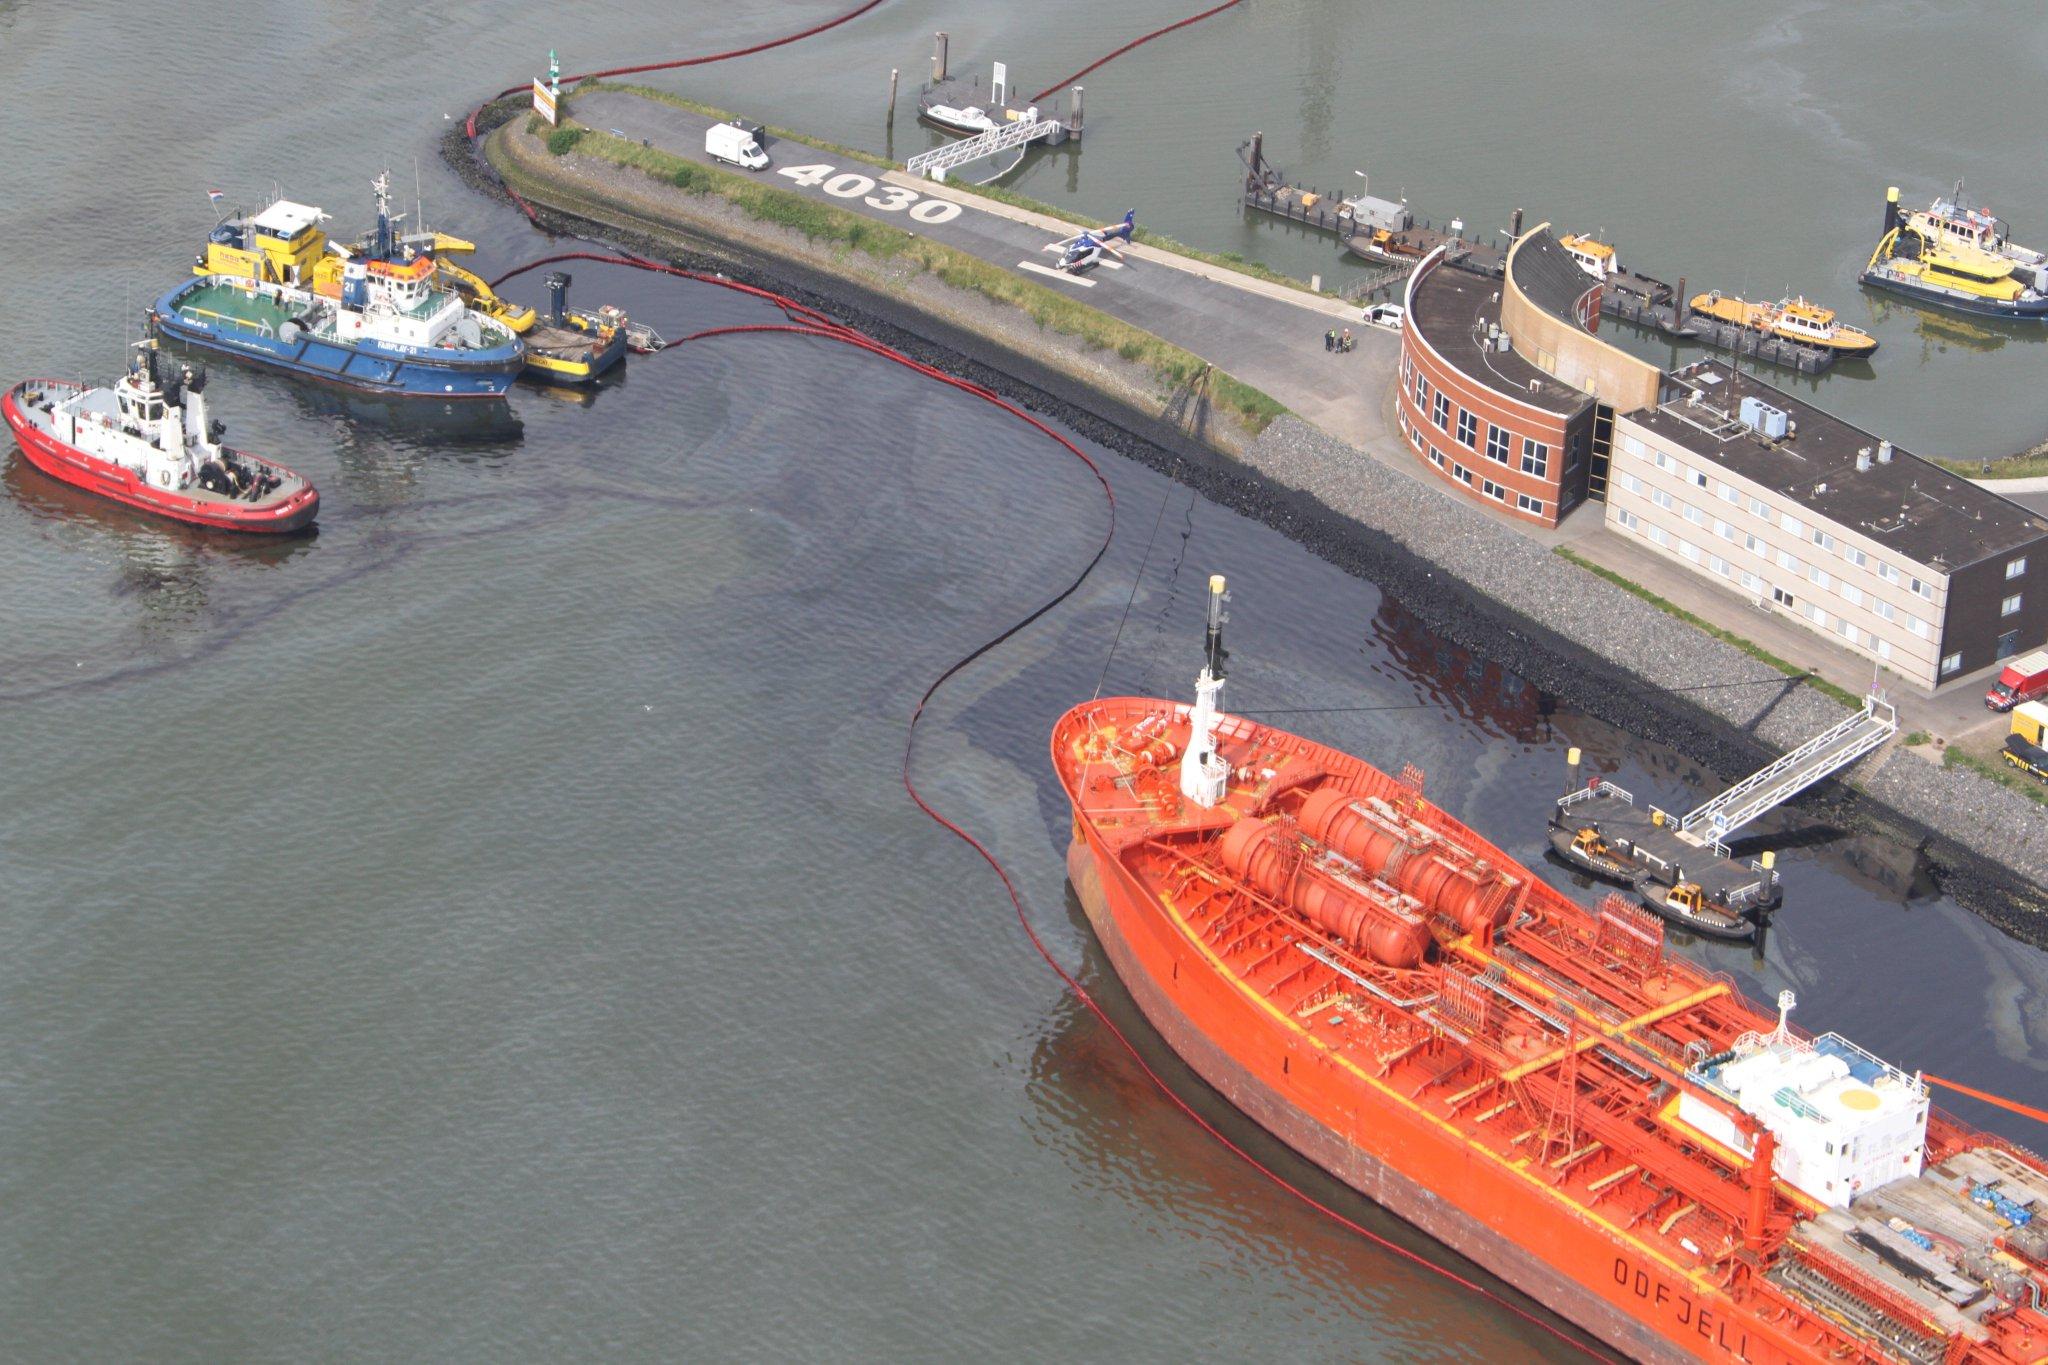 Opruimen olie in Waterweg Rotterdam gaat nog dagen duren (video)